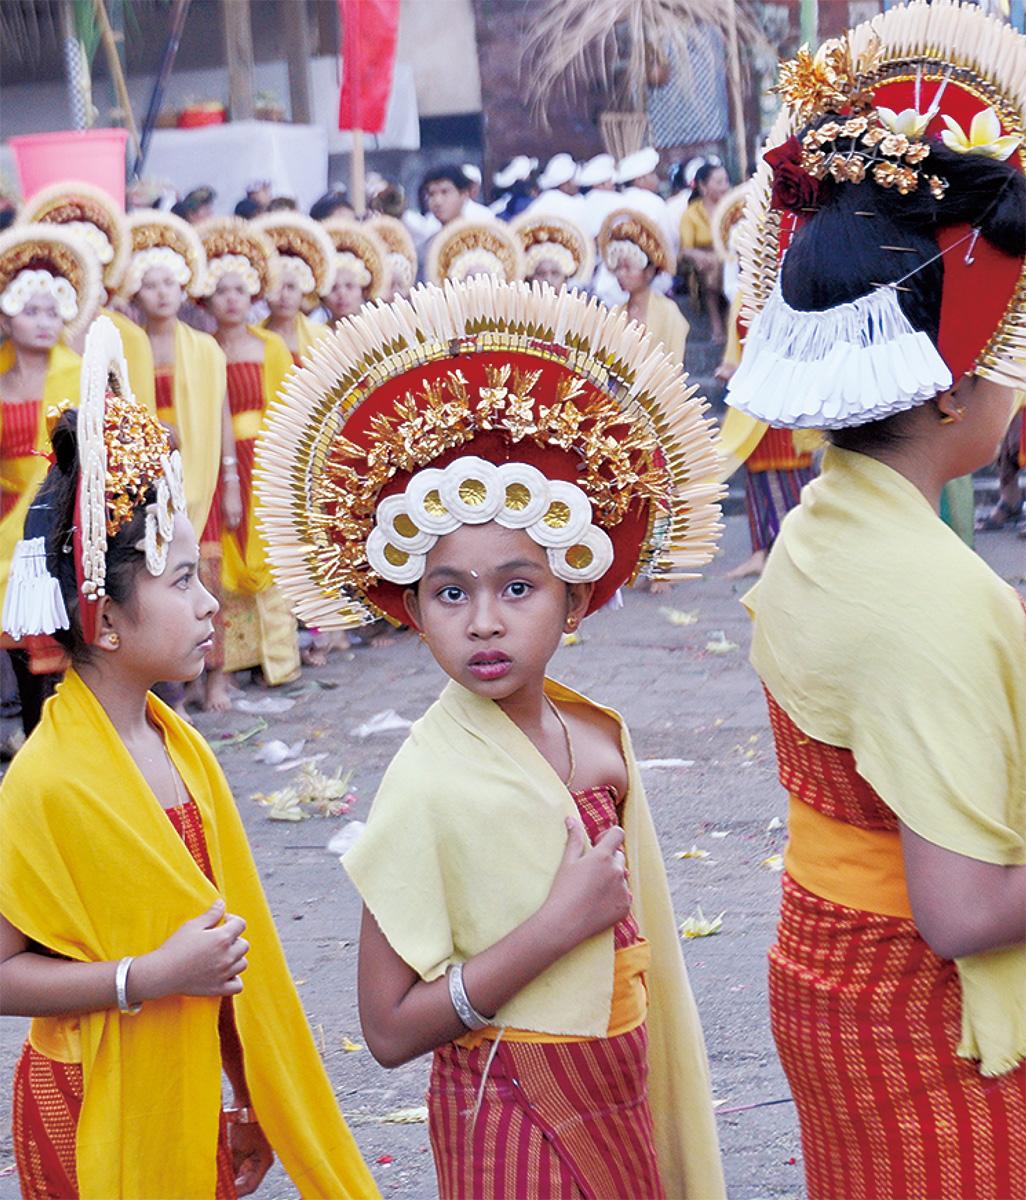 バリの伝統衣装を展示